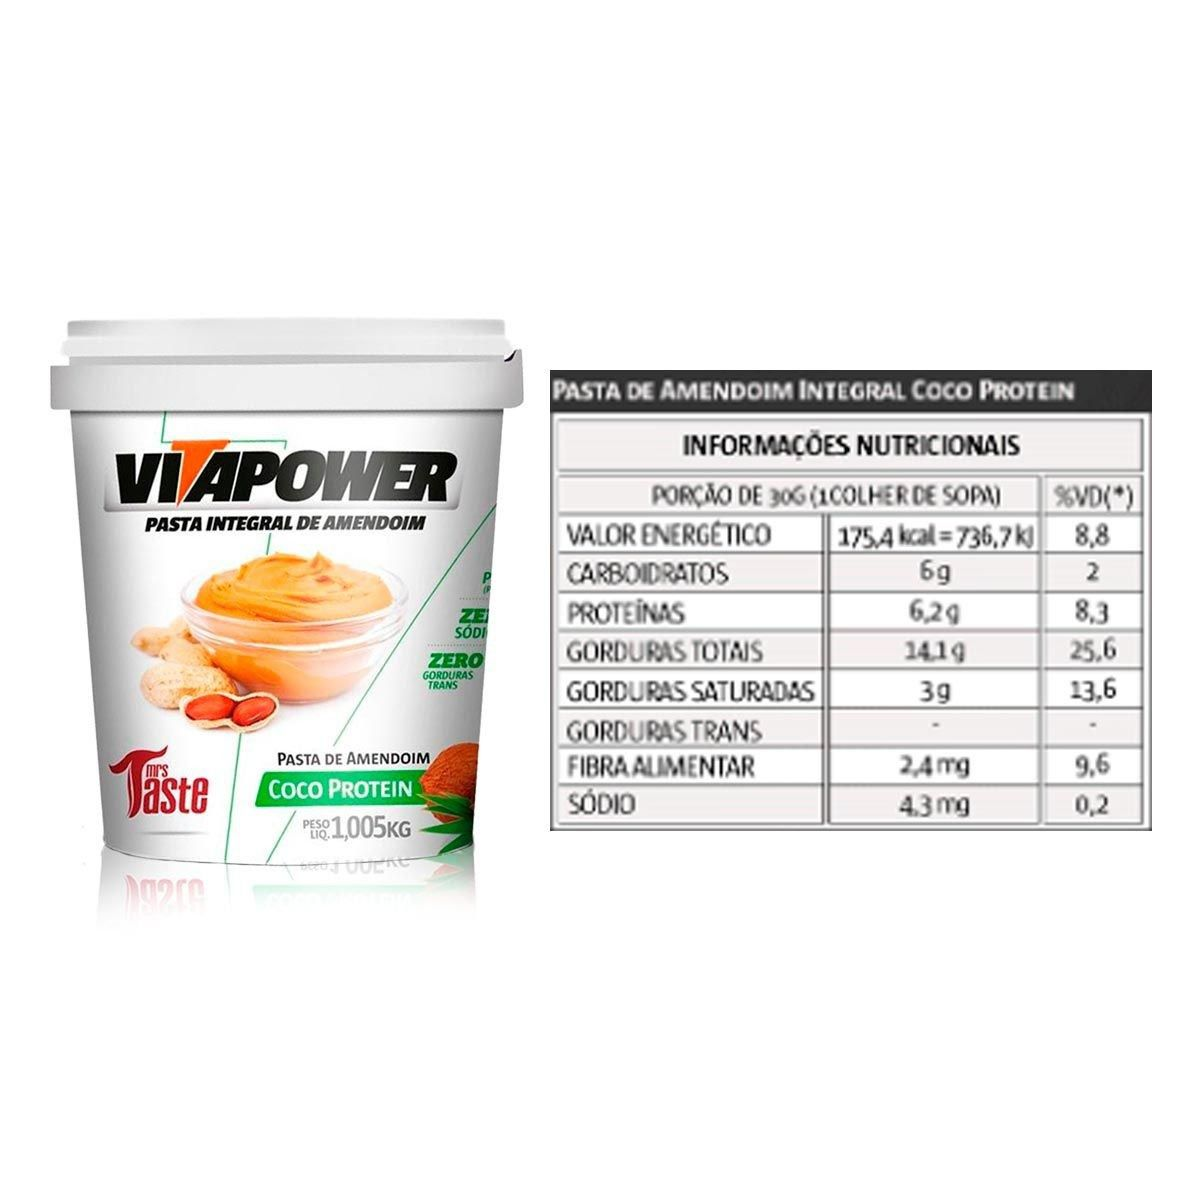 Pasta de Amendoim Coco Protein VitaPower - 1kg